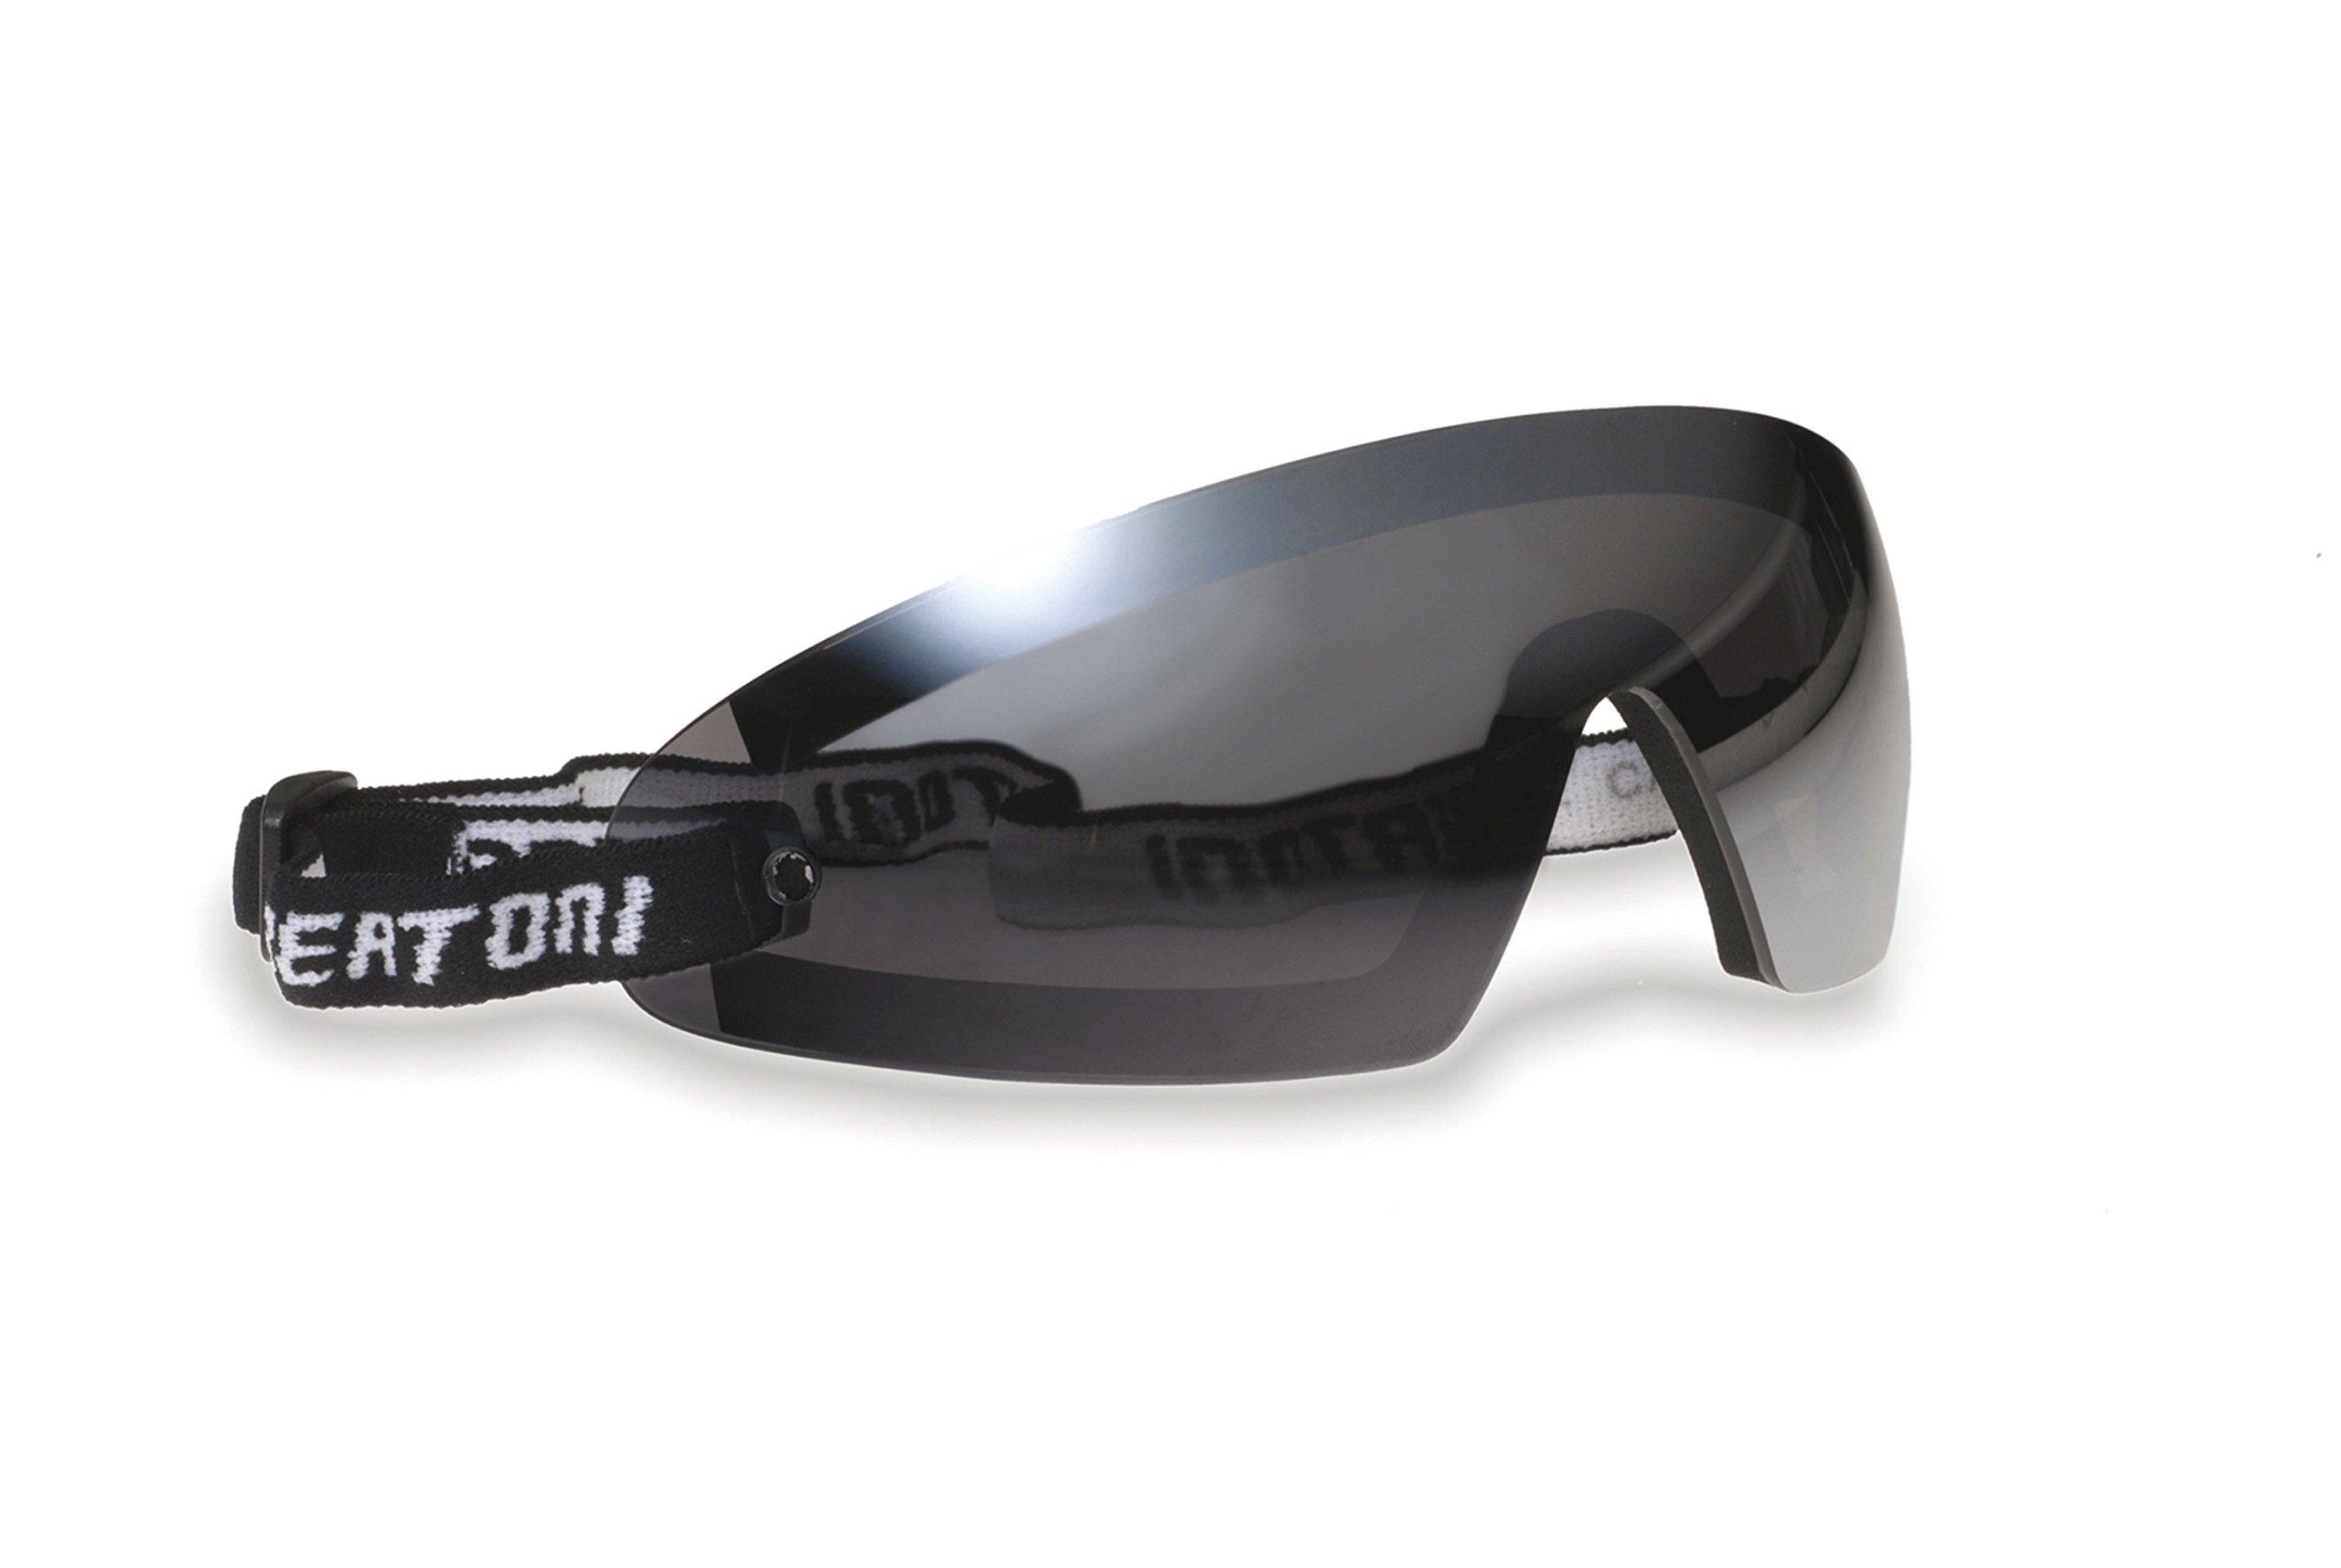 Masque lunettes moto Bertoni AF79 1